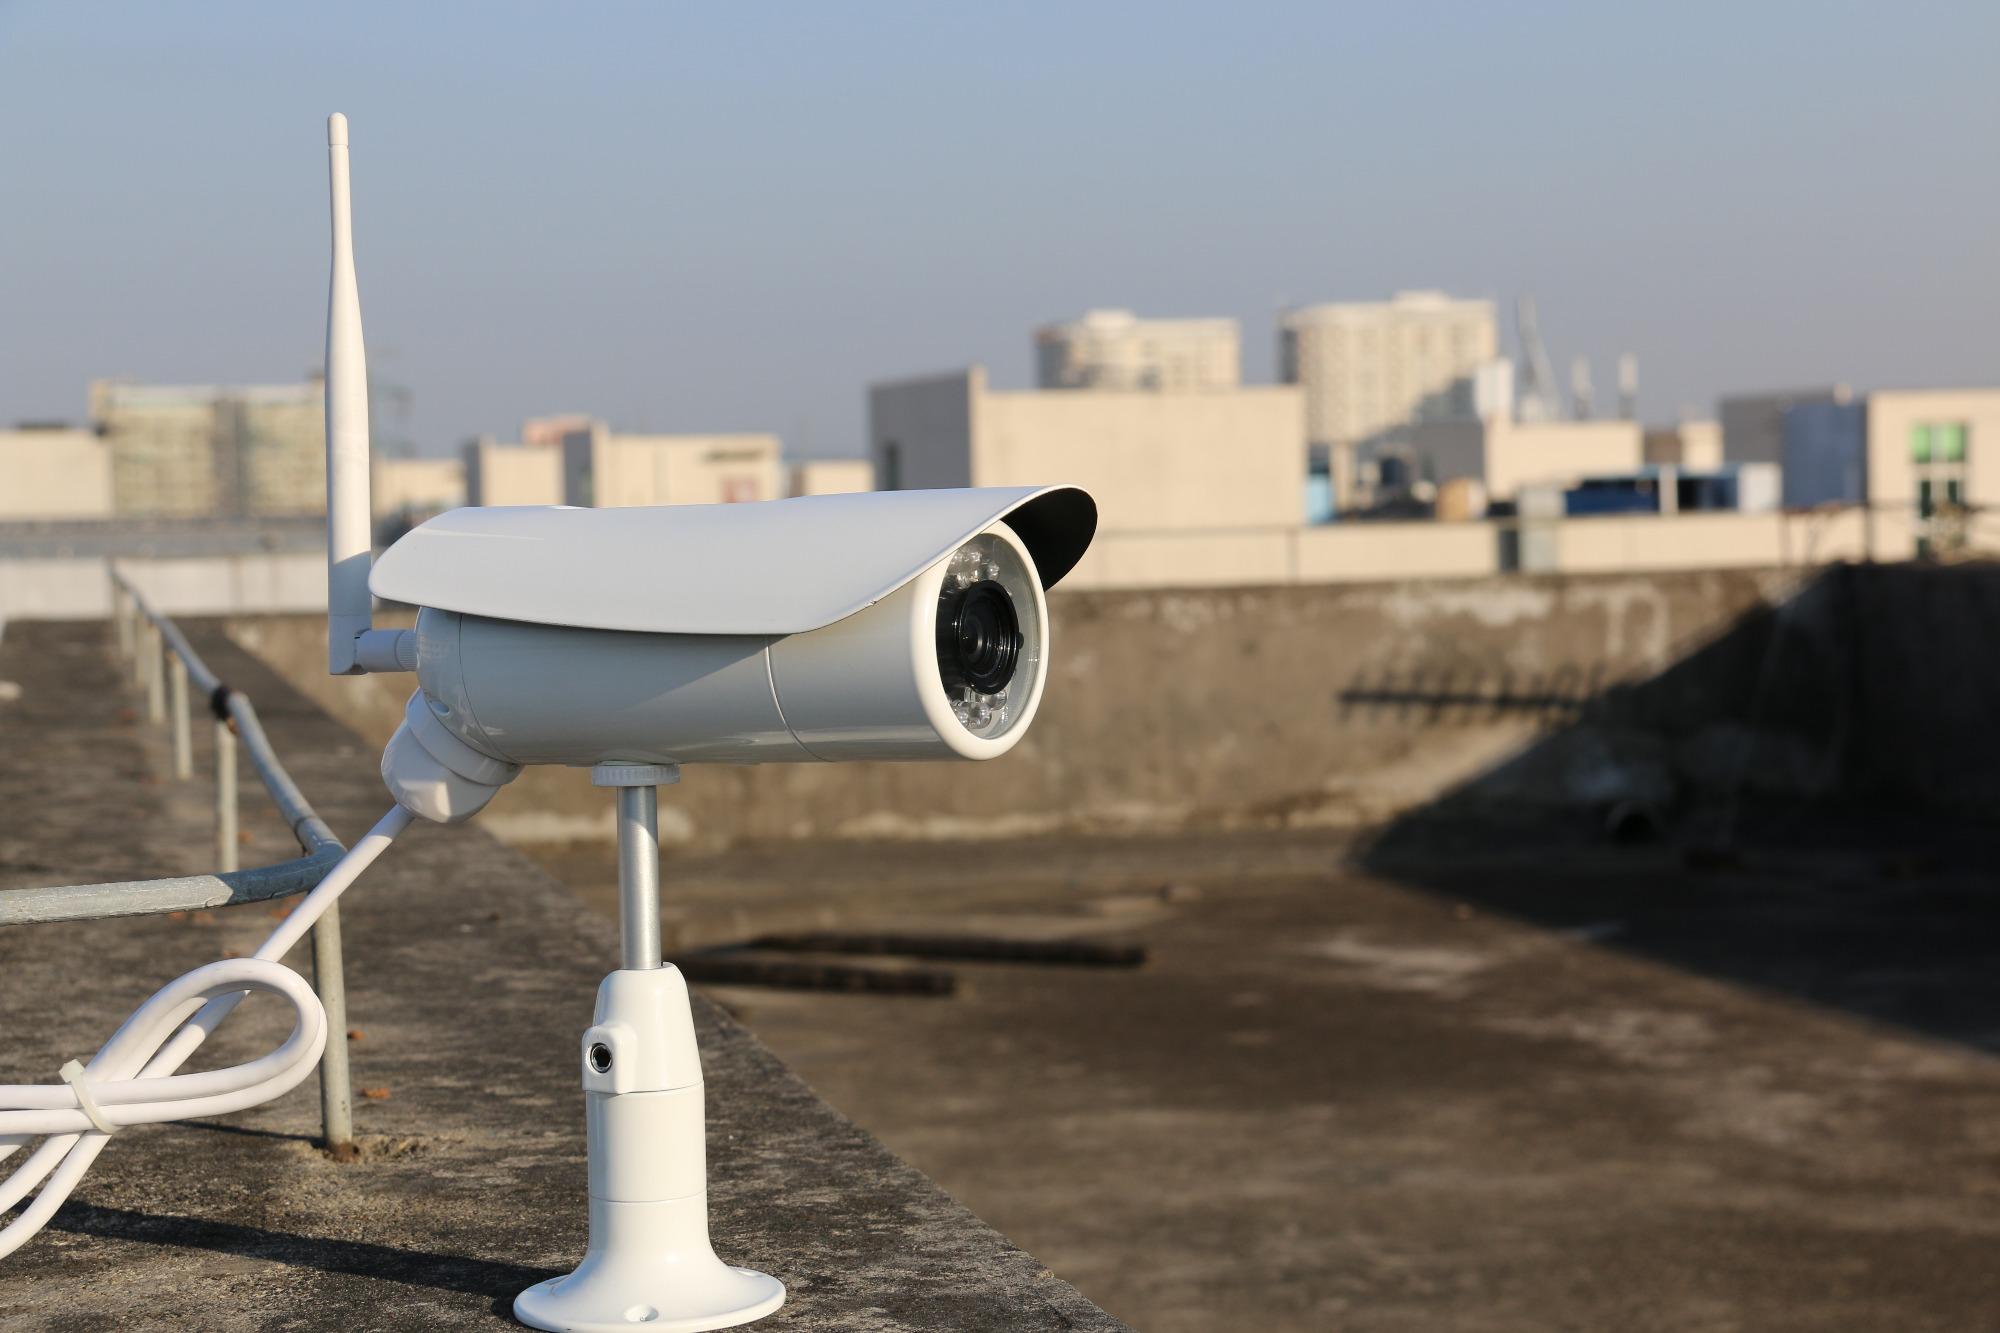 camera de surveillance wifi sur toit chantier